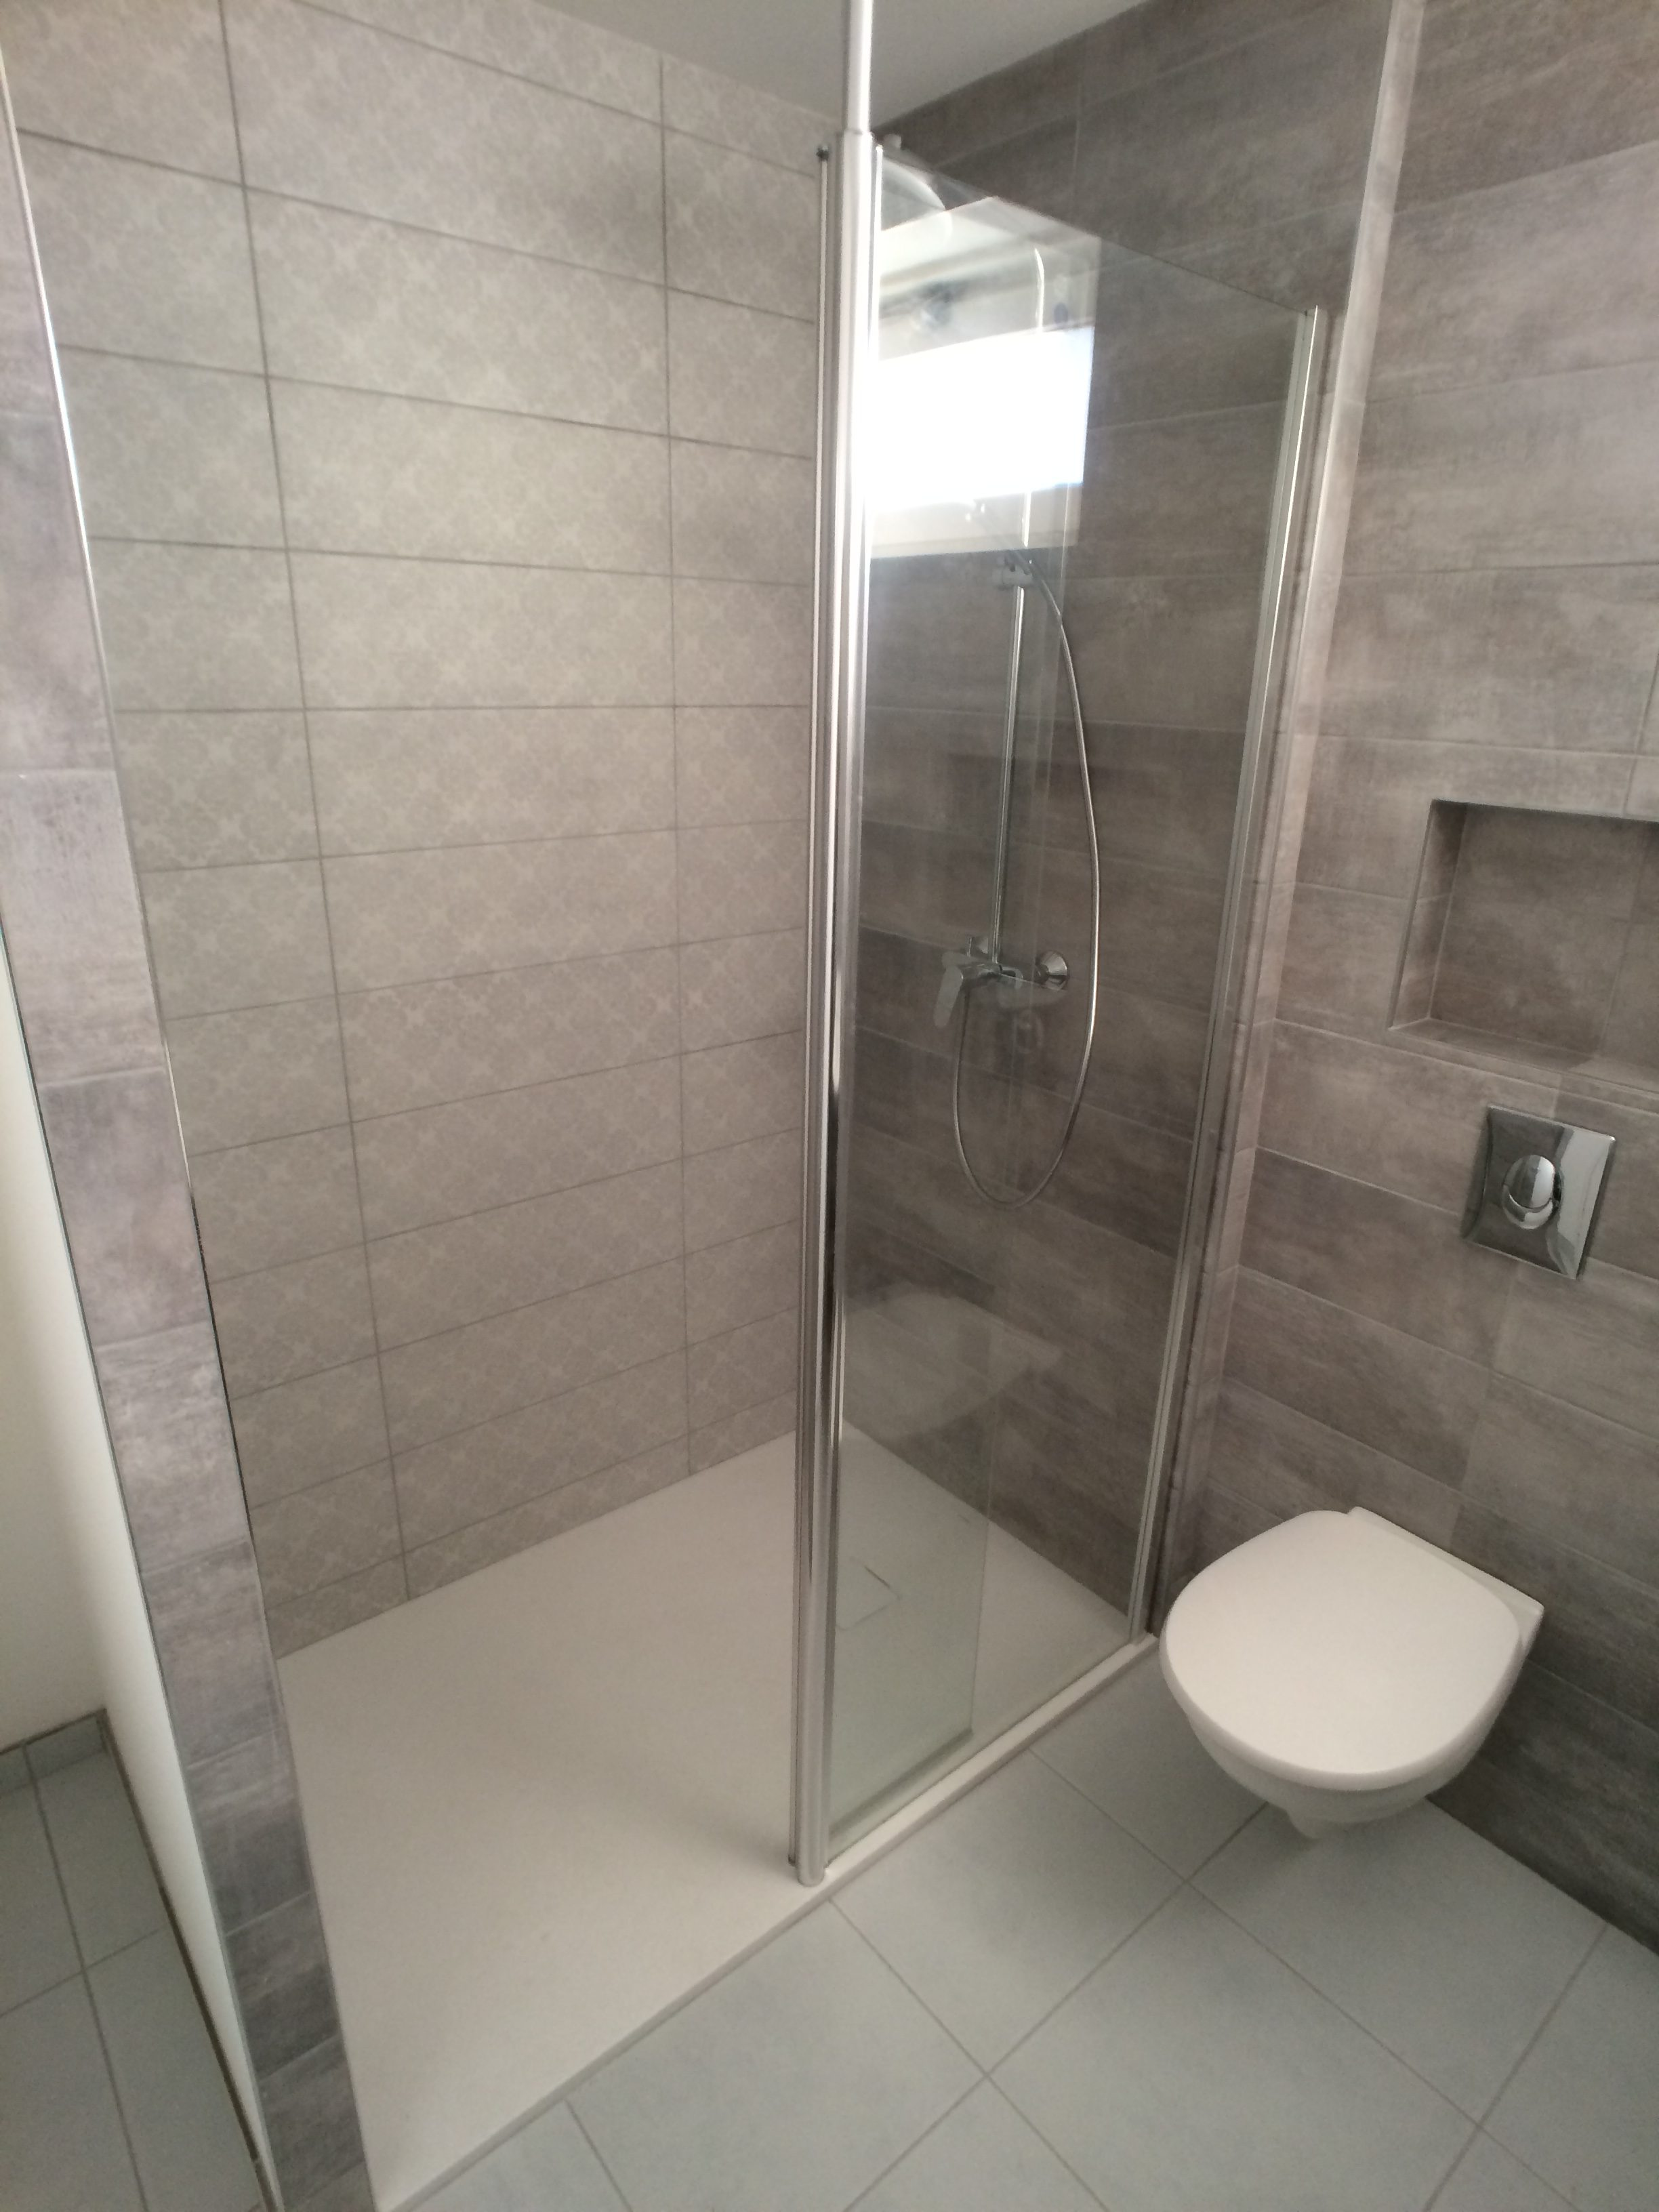 Aménagement d'une salle de bain à Essey-les-Nancy